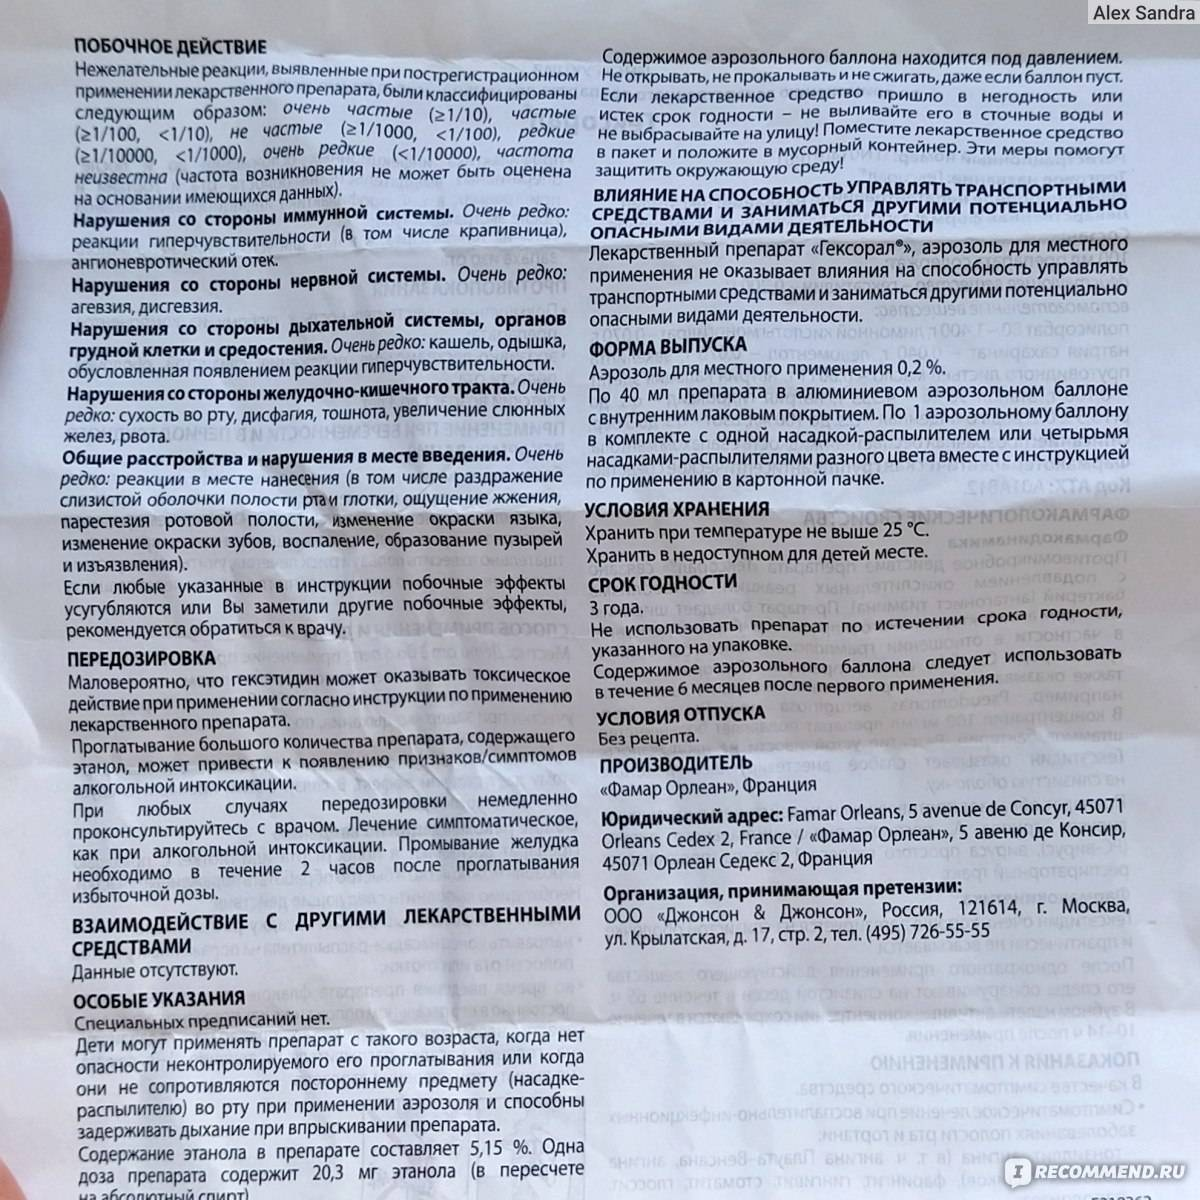 Спрей гексорал: инструкция по применению для детей pulmono.ru спрей гексорал: инструкция по применению для детей